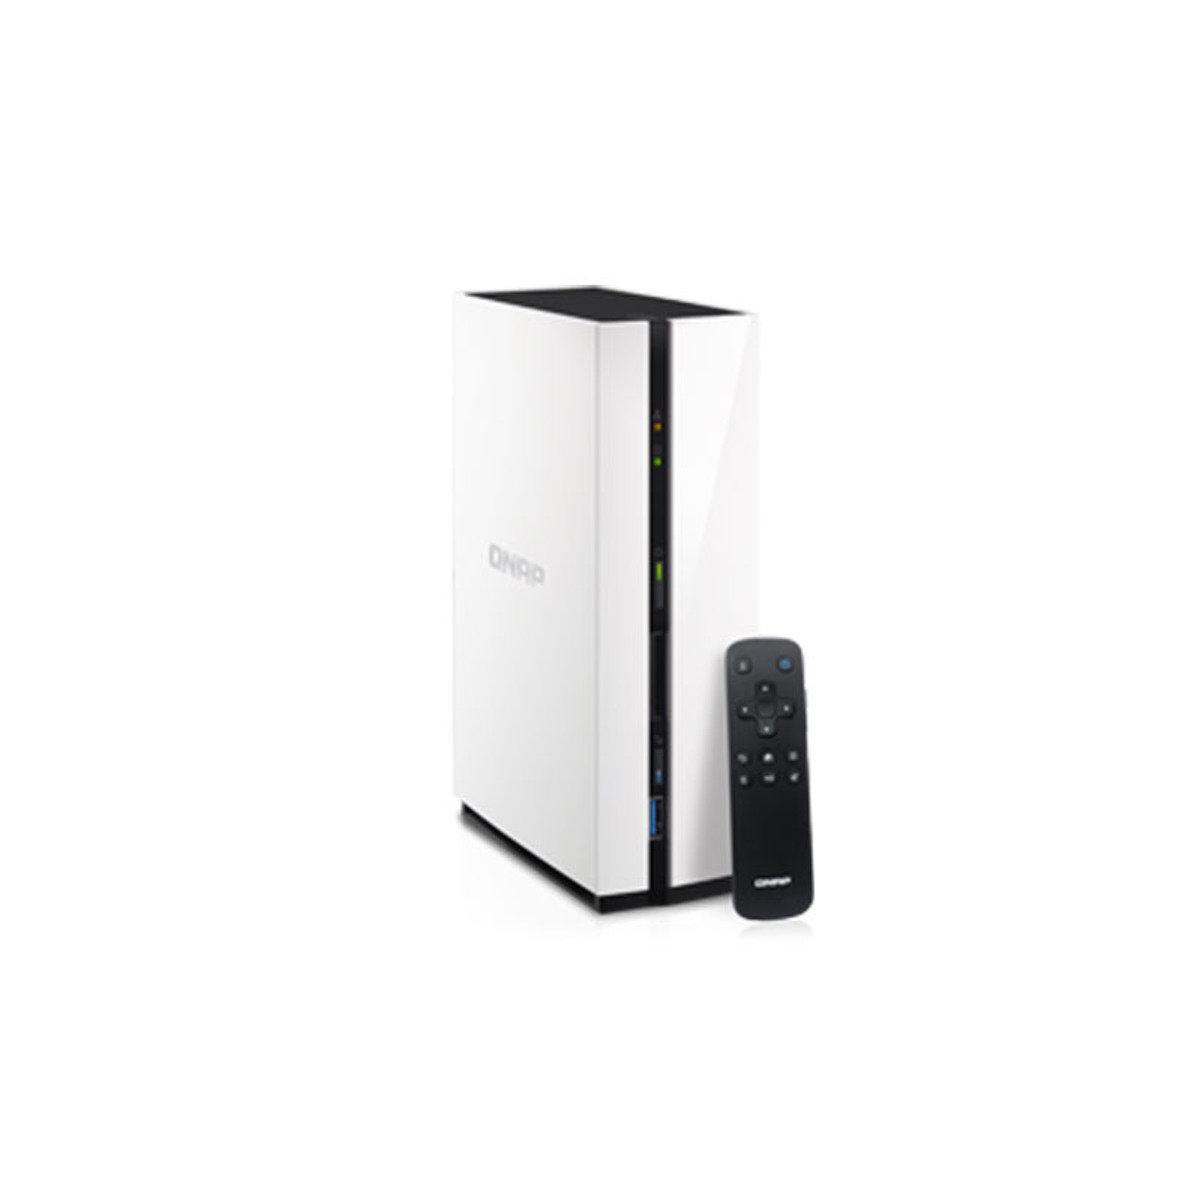 2TB 雙系統4K播放家用多功能雲端系統 TAS-168-2TB